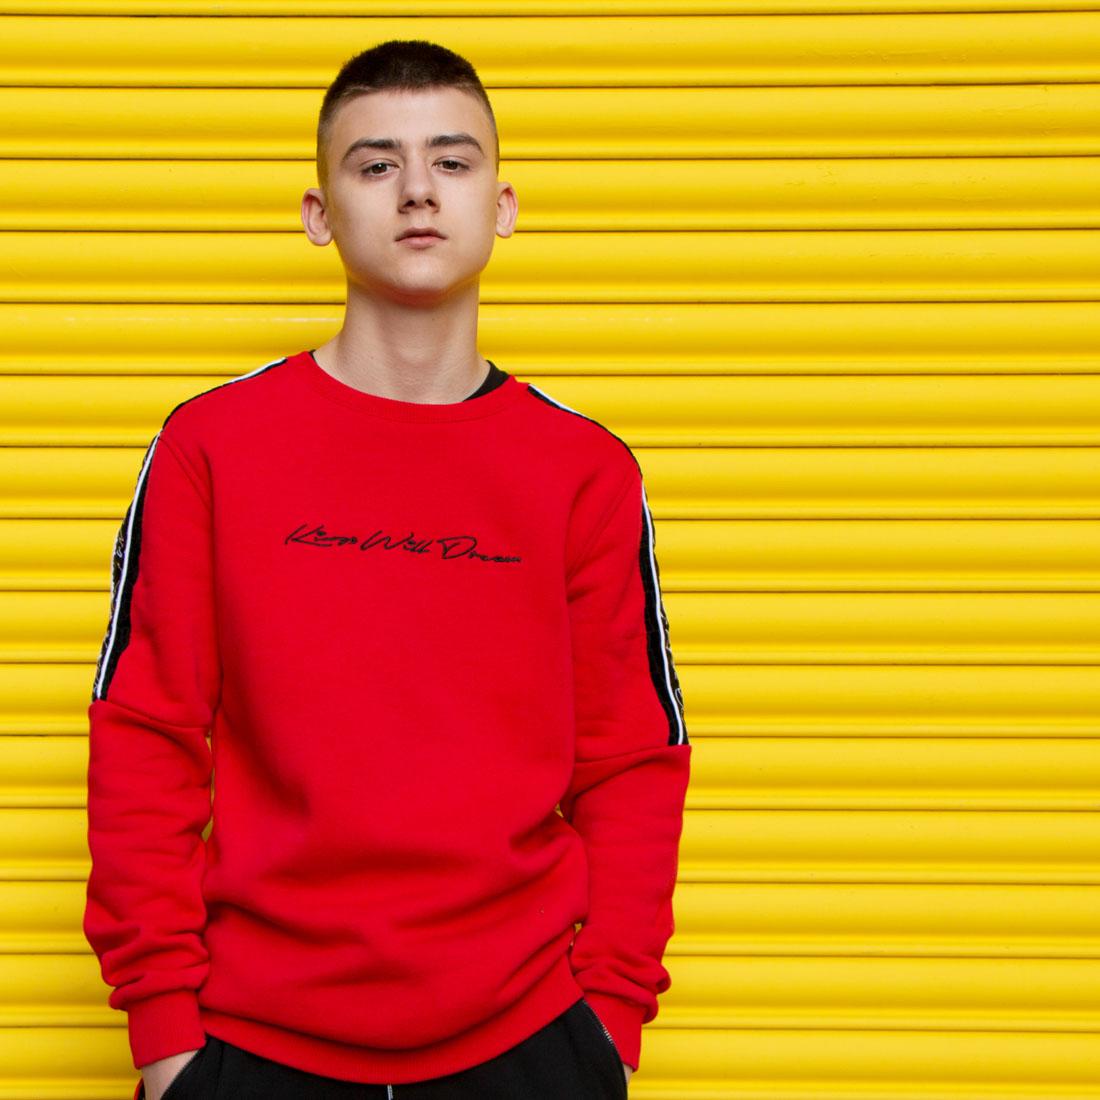 Men fashion photography, fashion photoshoot in Digbeth, Birmingham U.K.